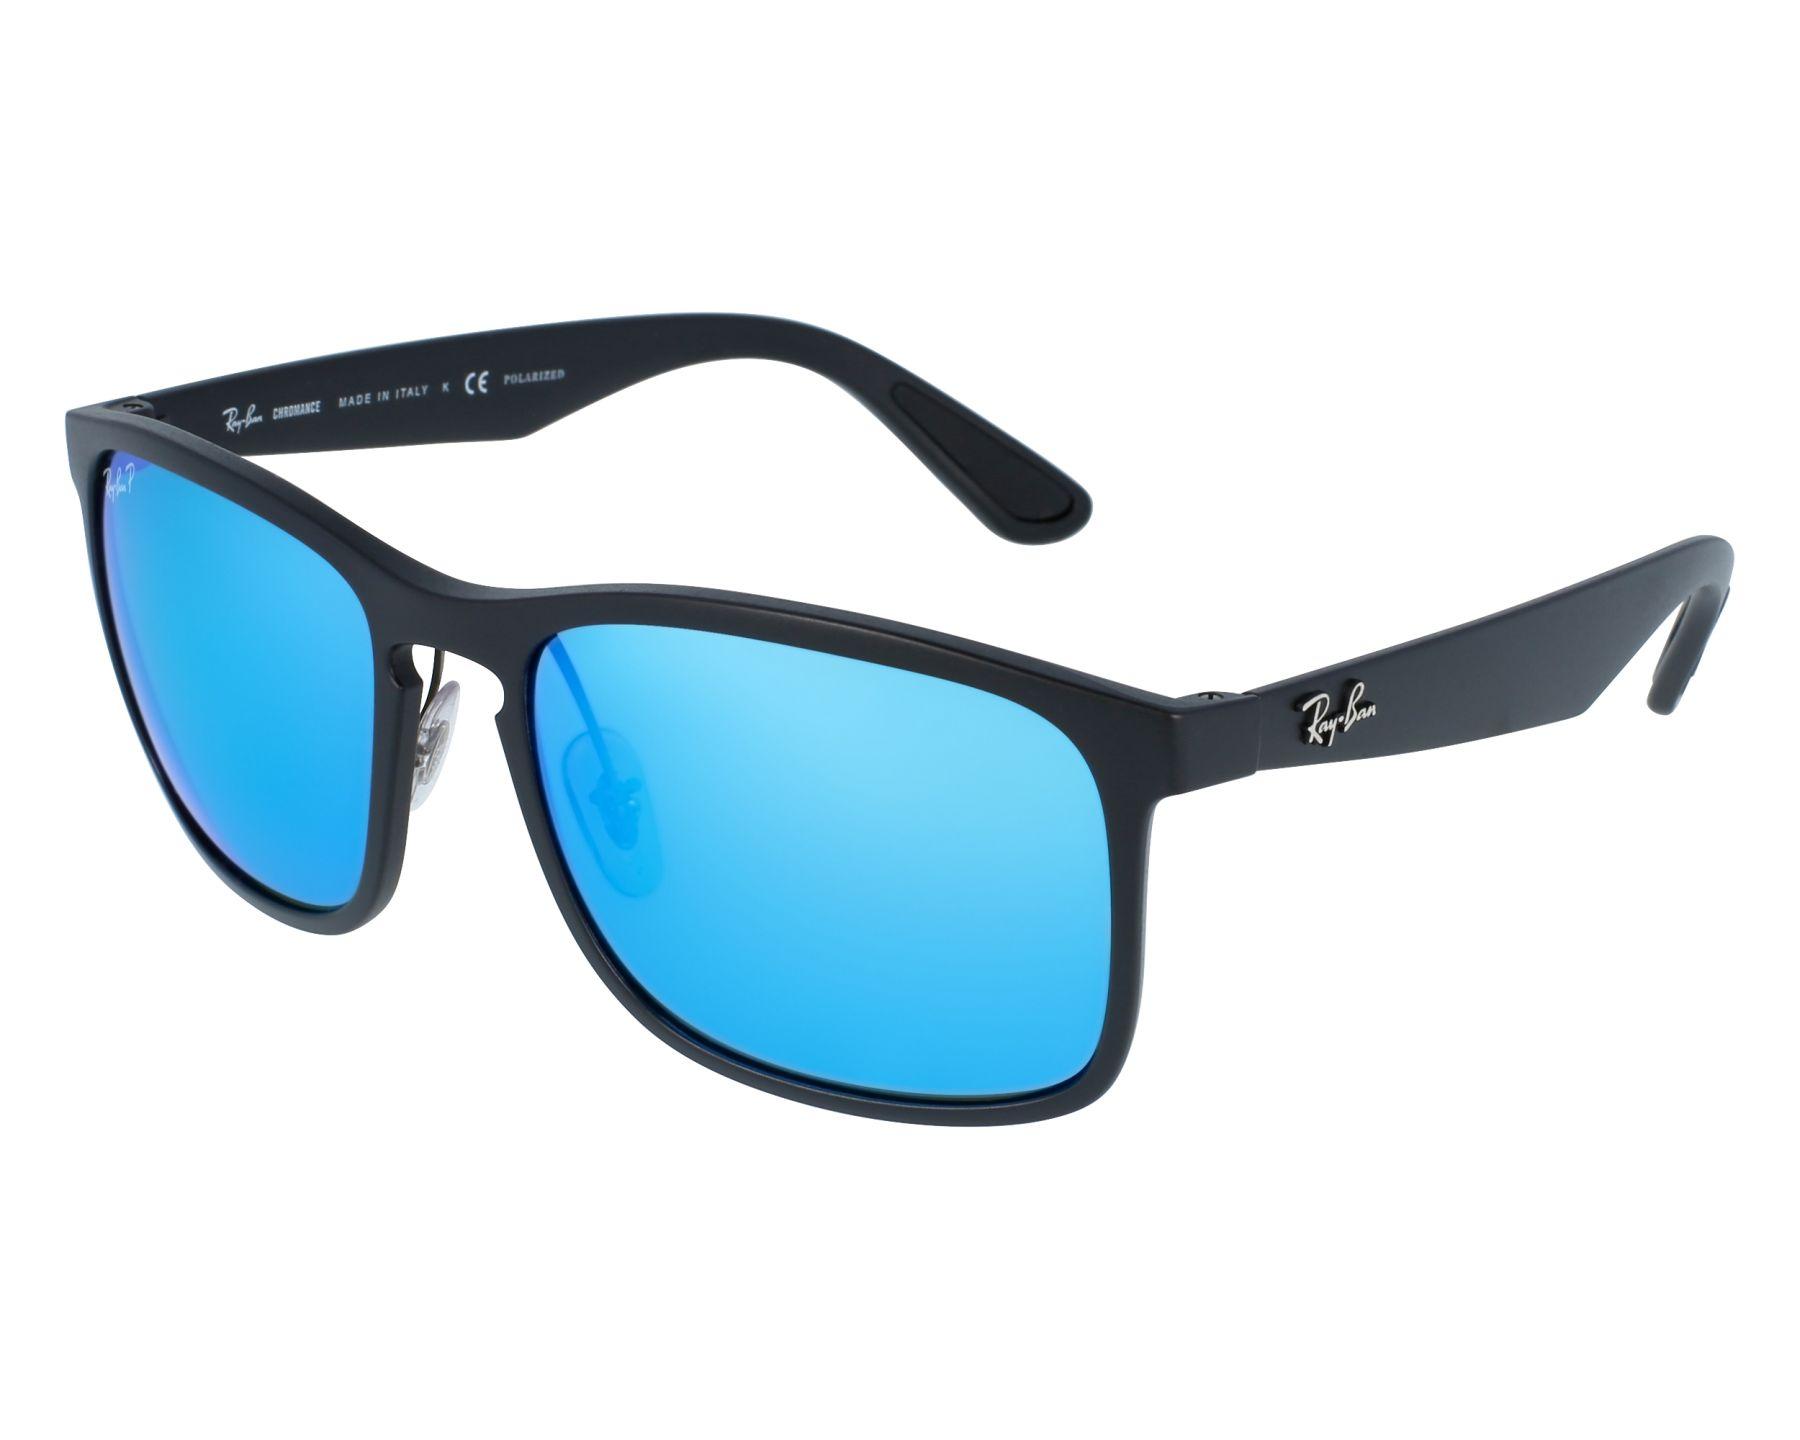 Sunglasses Ray-Ban RB-4264 601SA1 58-18 Black front view